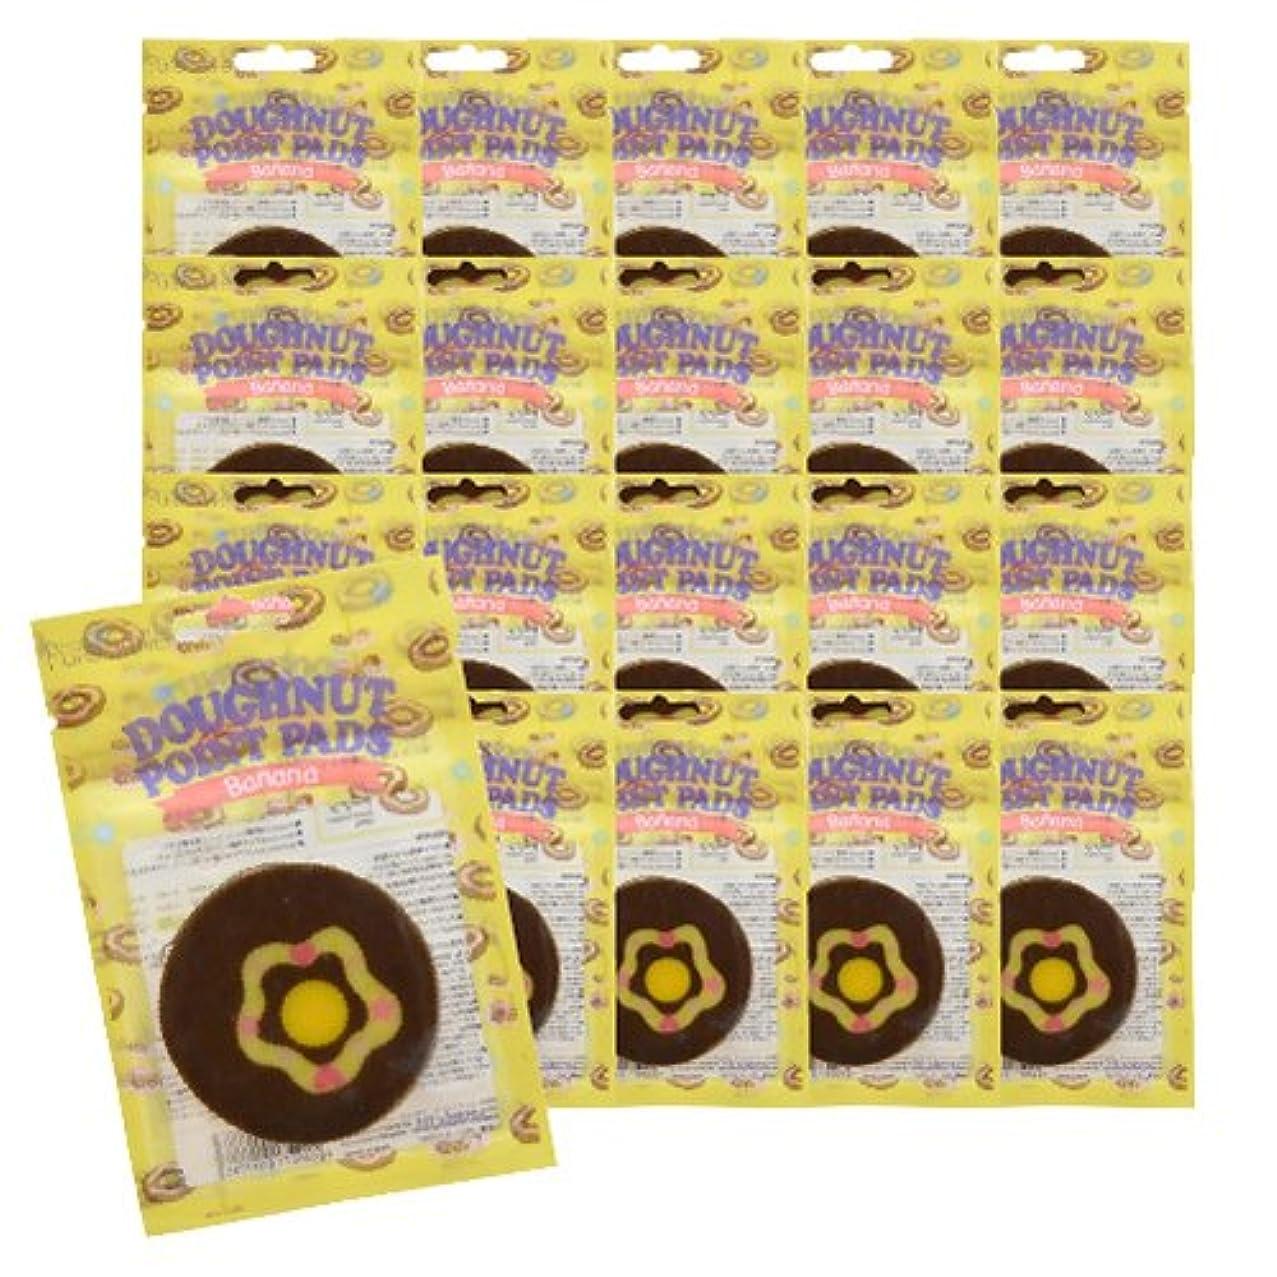 デコラティブ一生ペチュランスピュアスマイル スイートドーナツポイントパッド バナナ 20枚パック